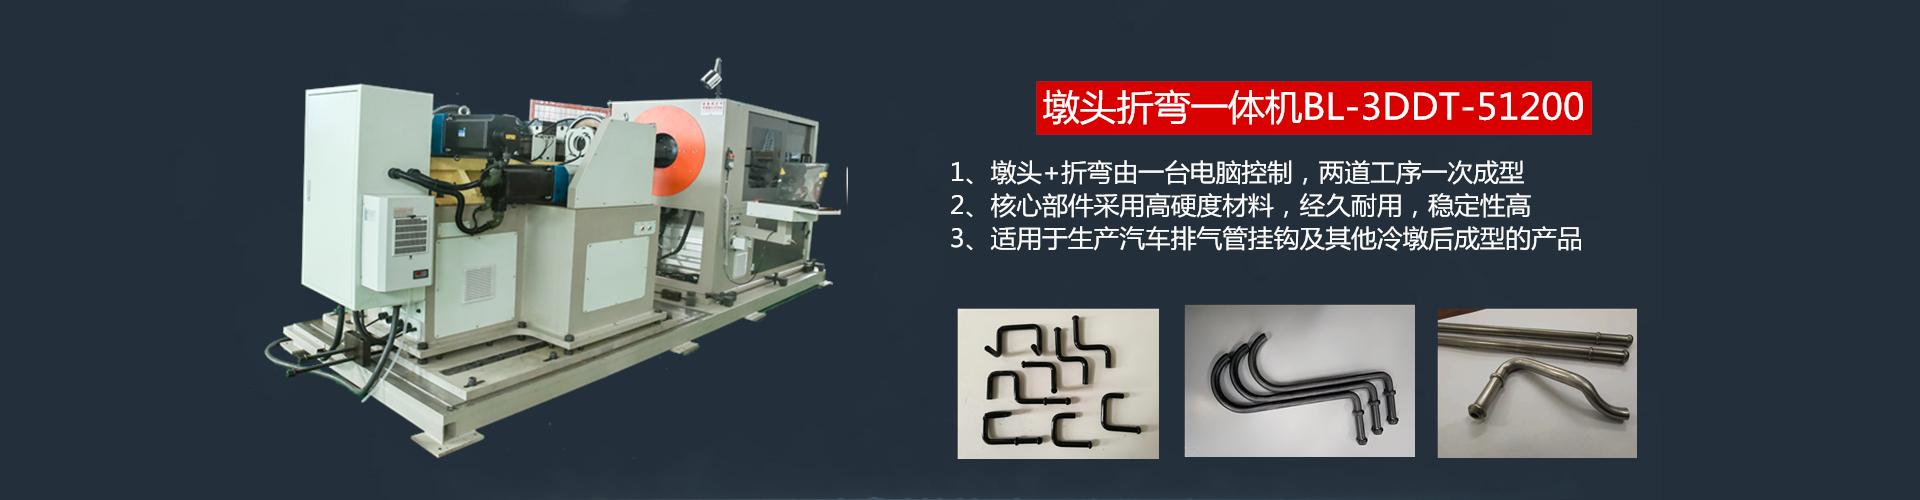 pingban线材成型机